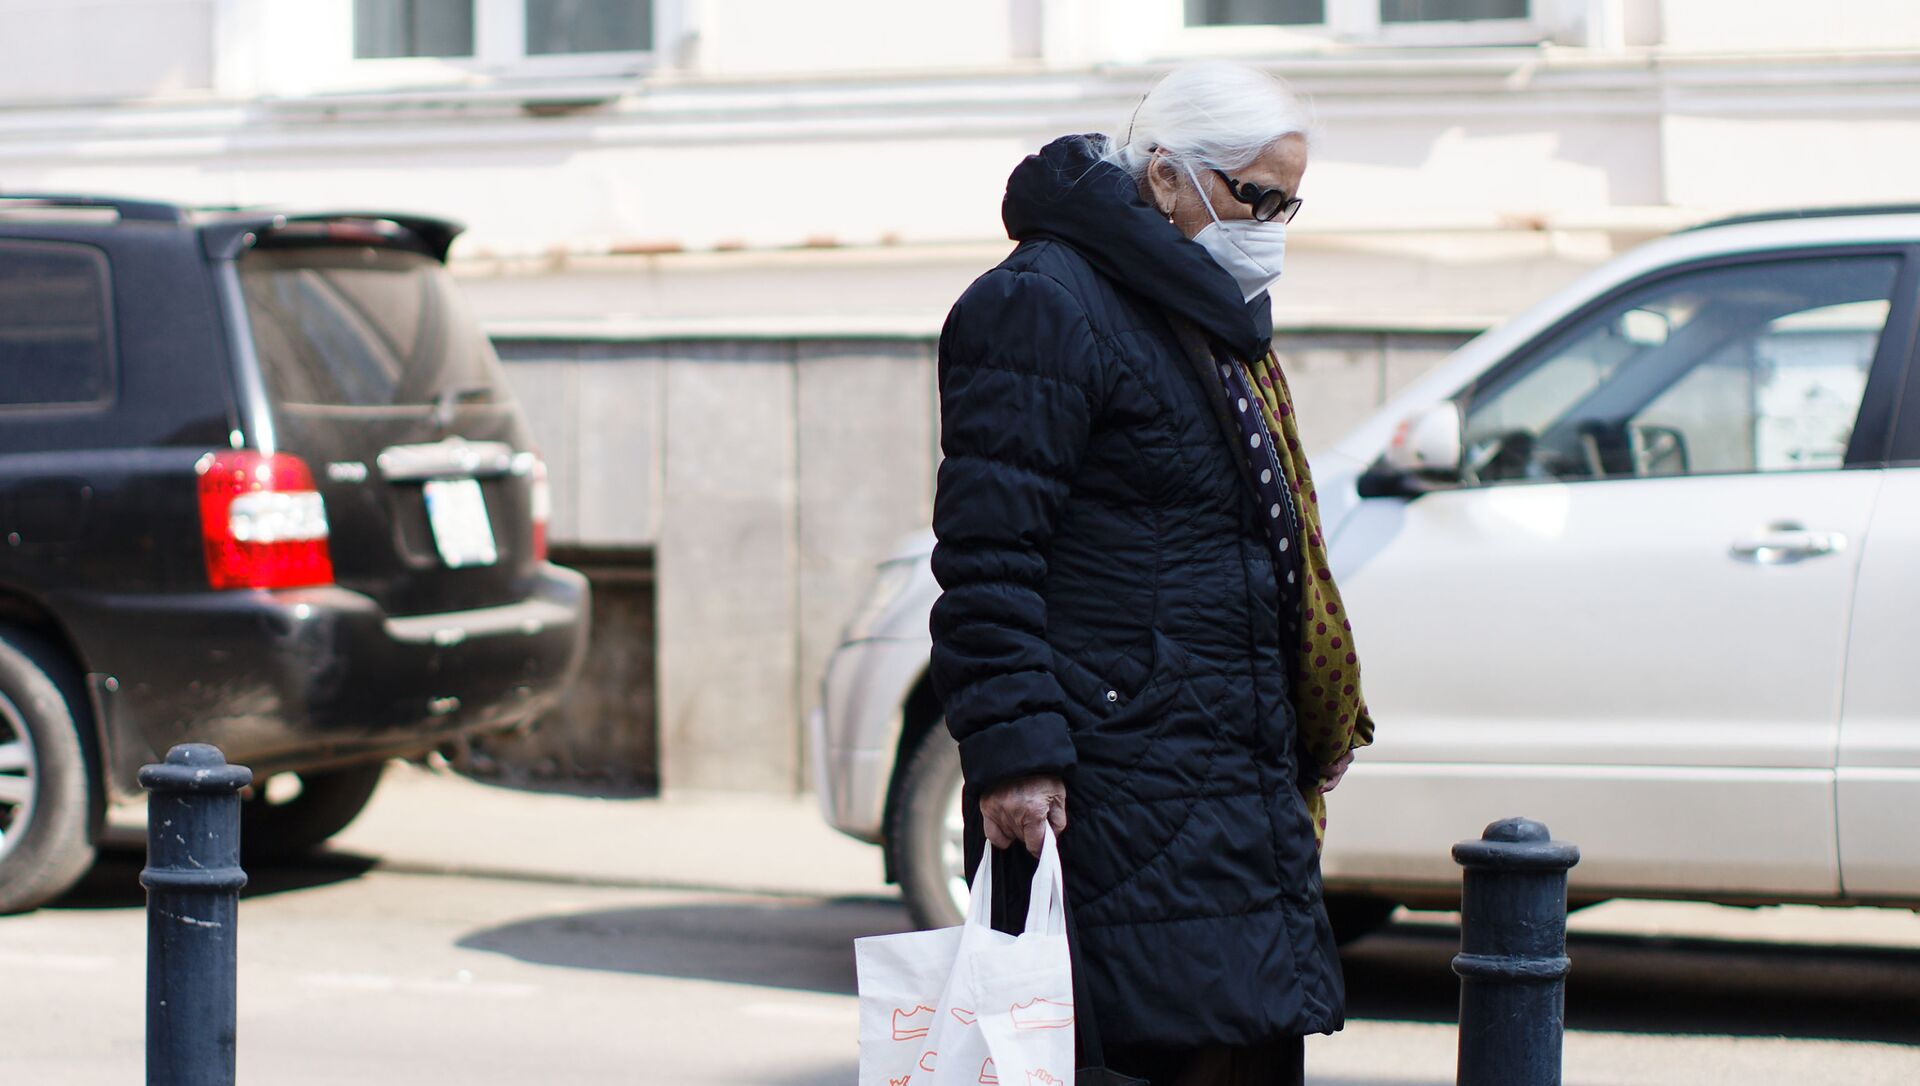 Эпидемия коронавируса - пожилая женщина на улице в респираторе - Sputnik Грузия, 1920, 16.02.2021